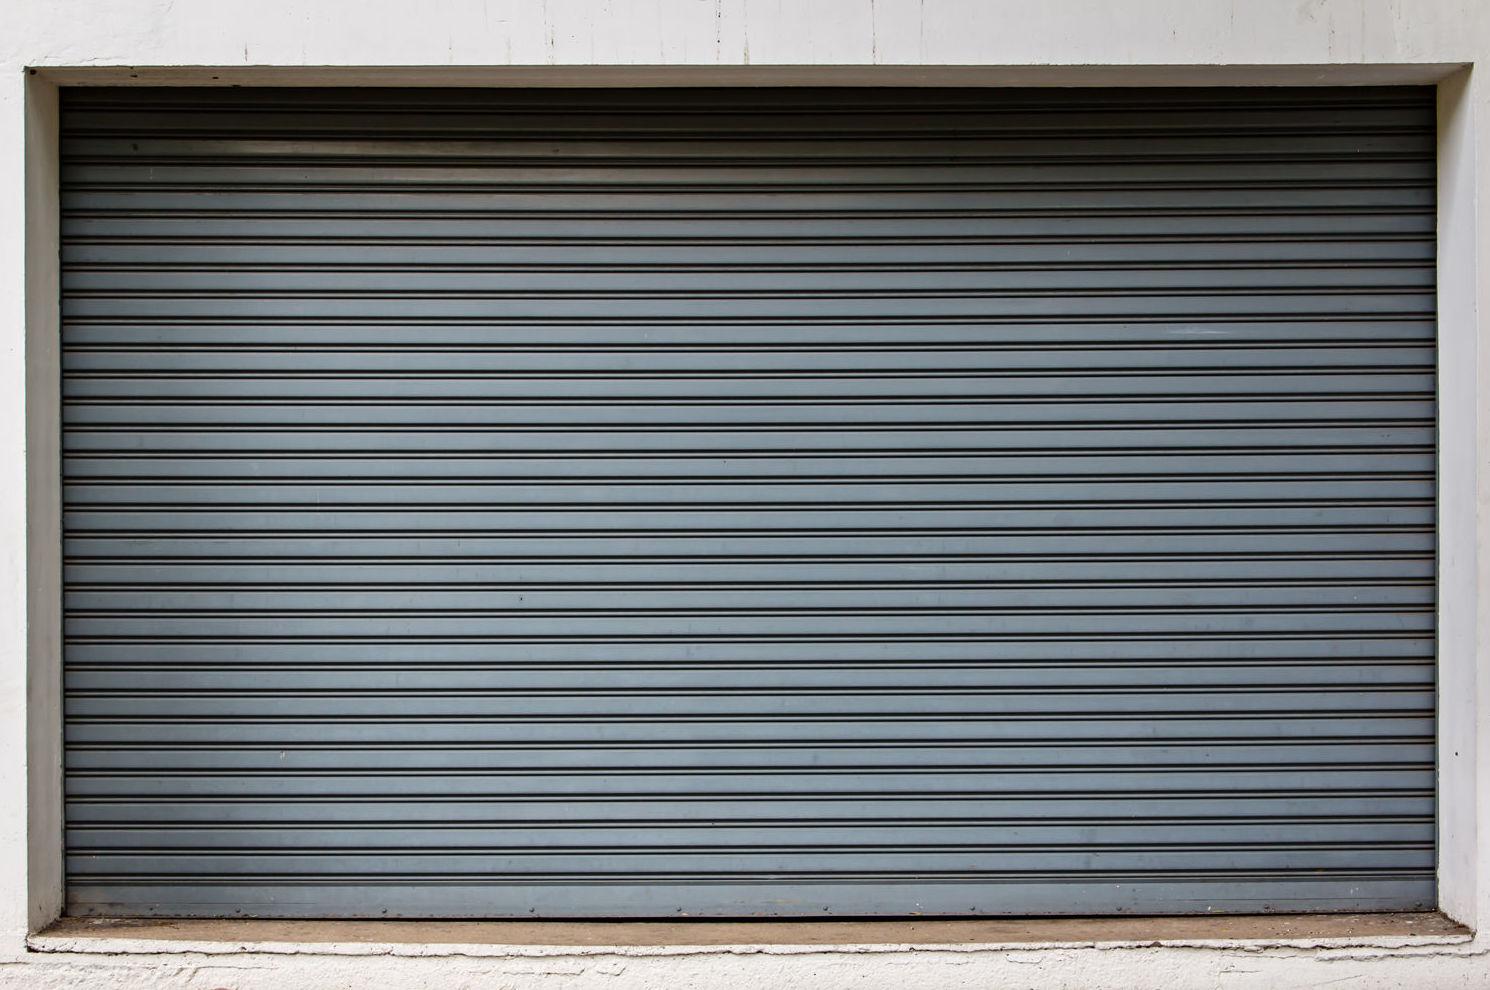 Instalación de persianas de aluminio